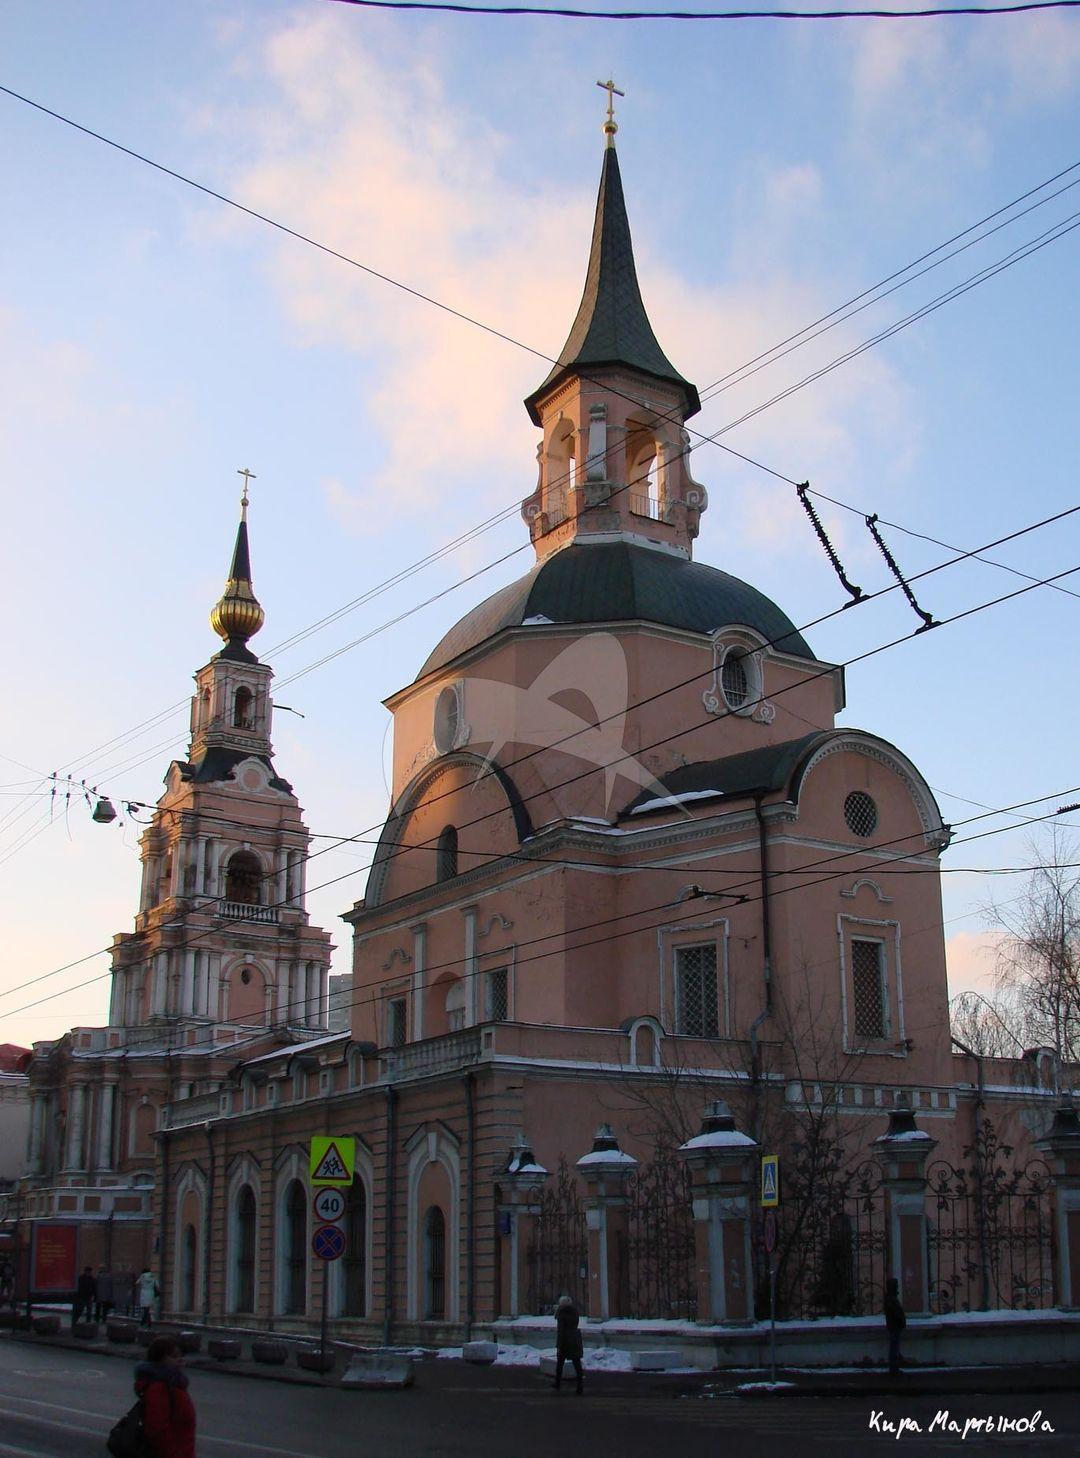 Церковь Петра и Павла, 1704-1723 гг., арх. И.П. Зарудный. Колокольня, 1745 г.